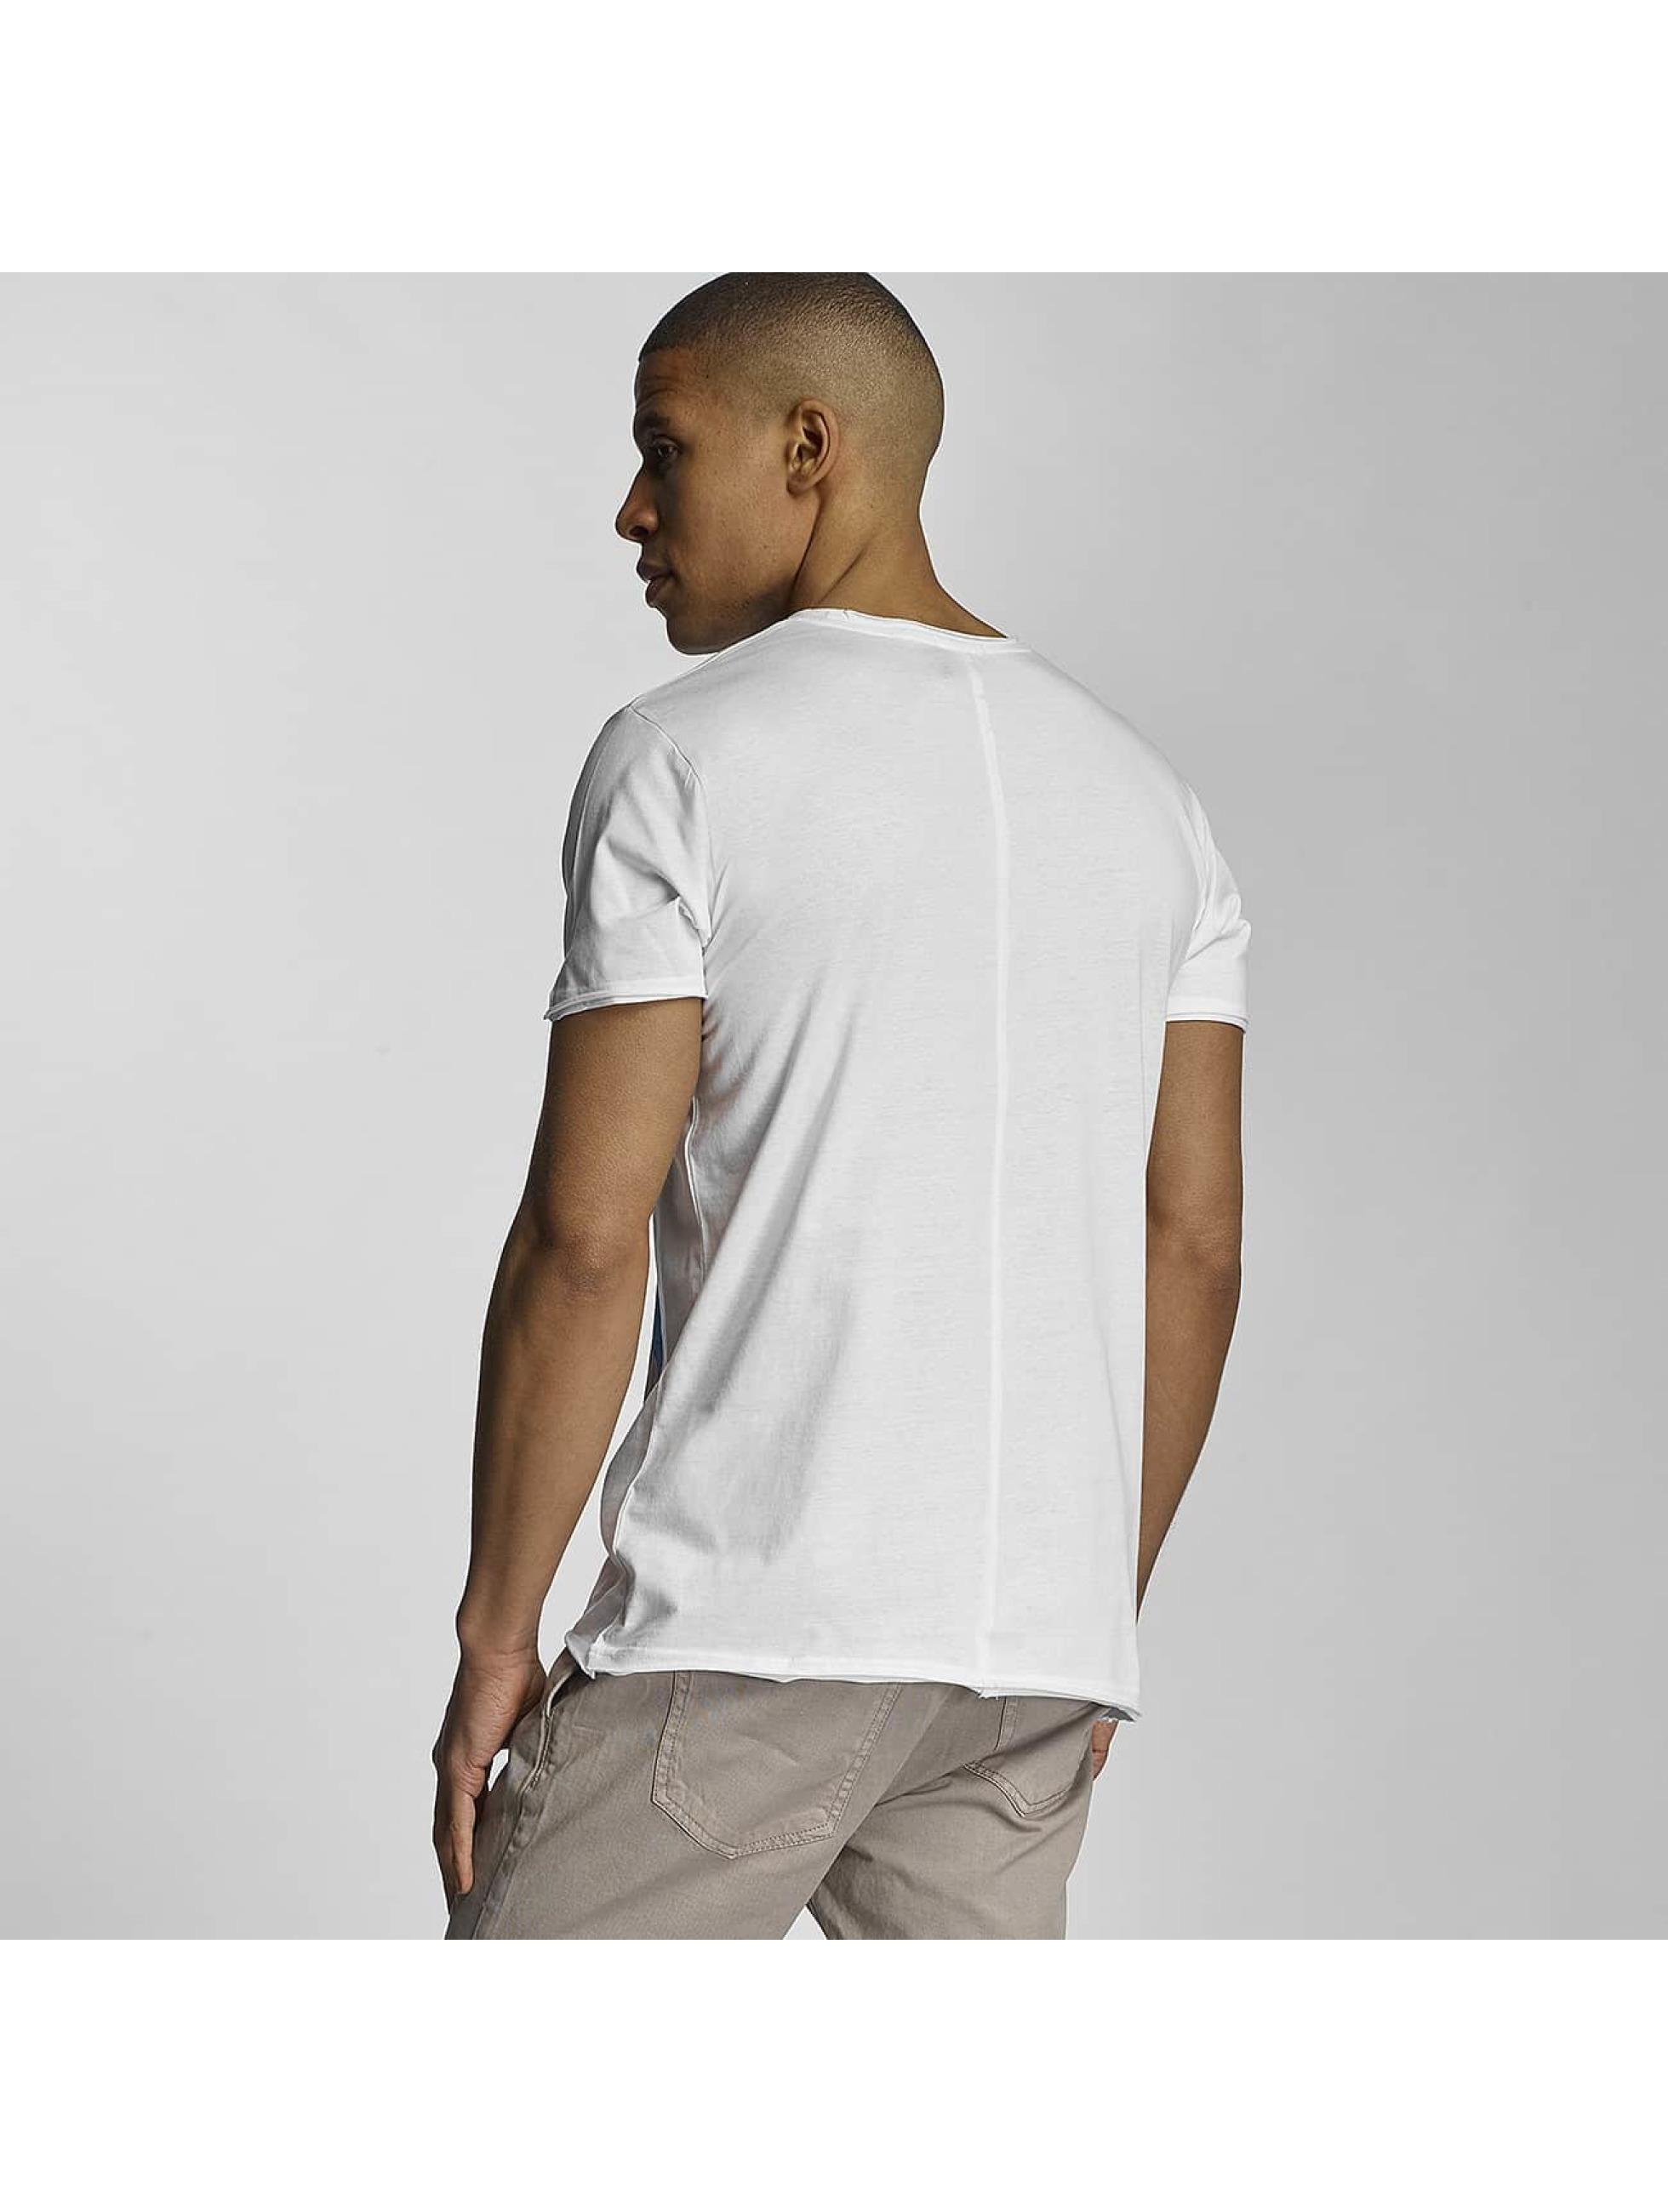 Sky Rebel Camiseta Till blanco